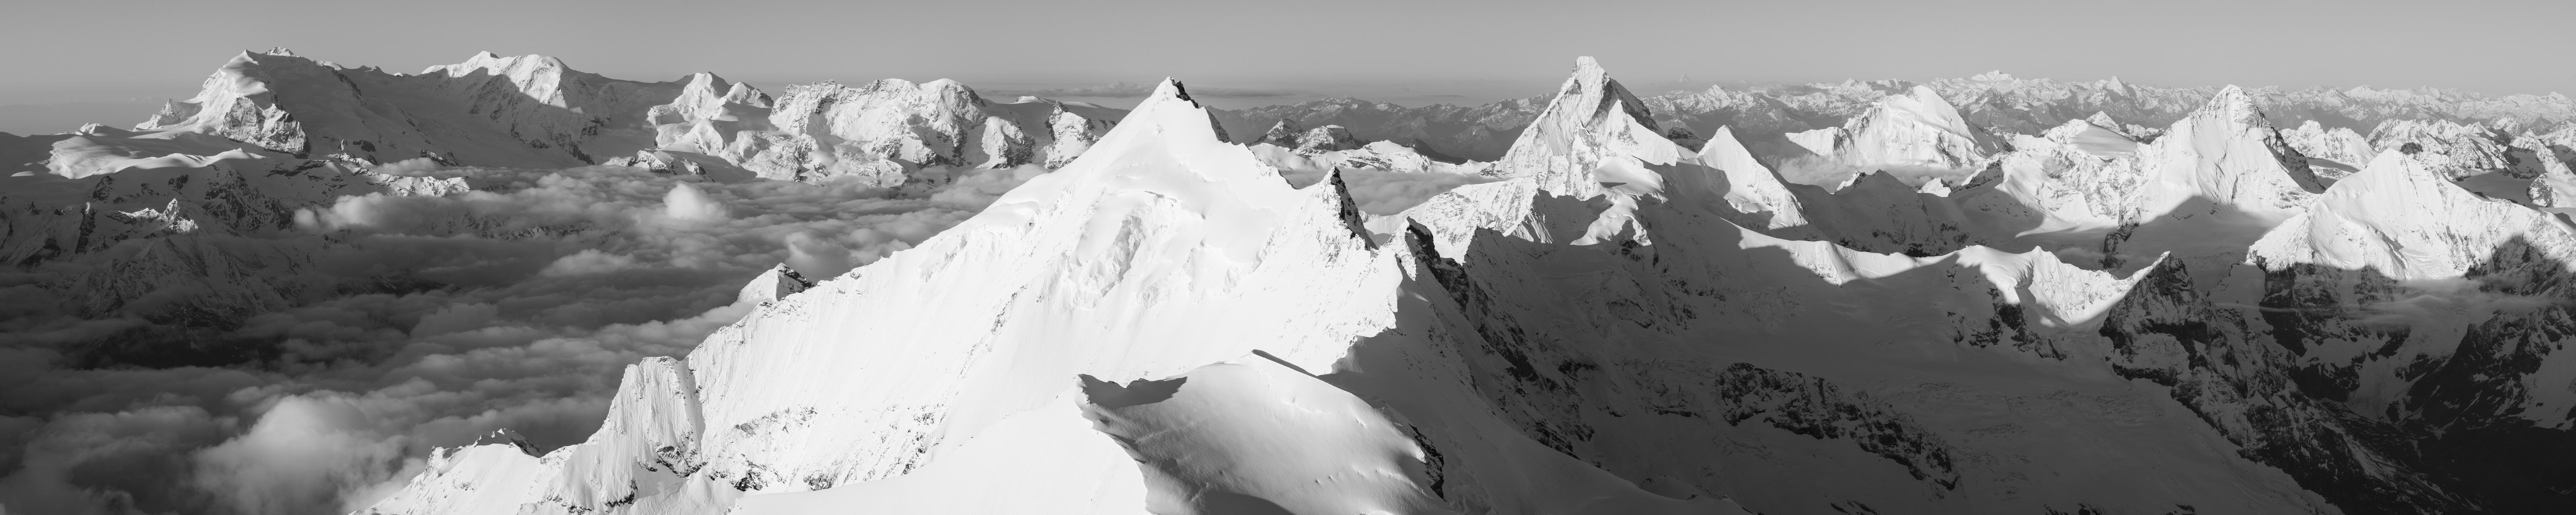 Zinal suisse - Vue panoramique montagne de la Couronne impériale de Zinal